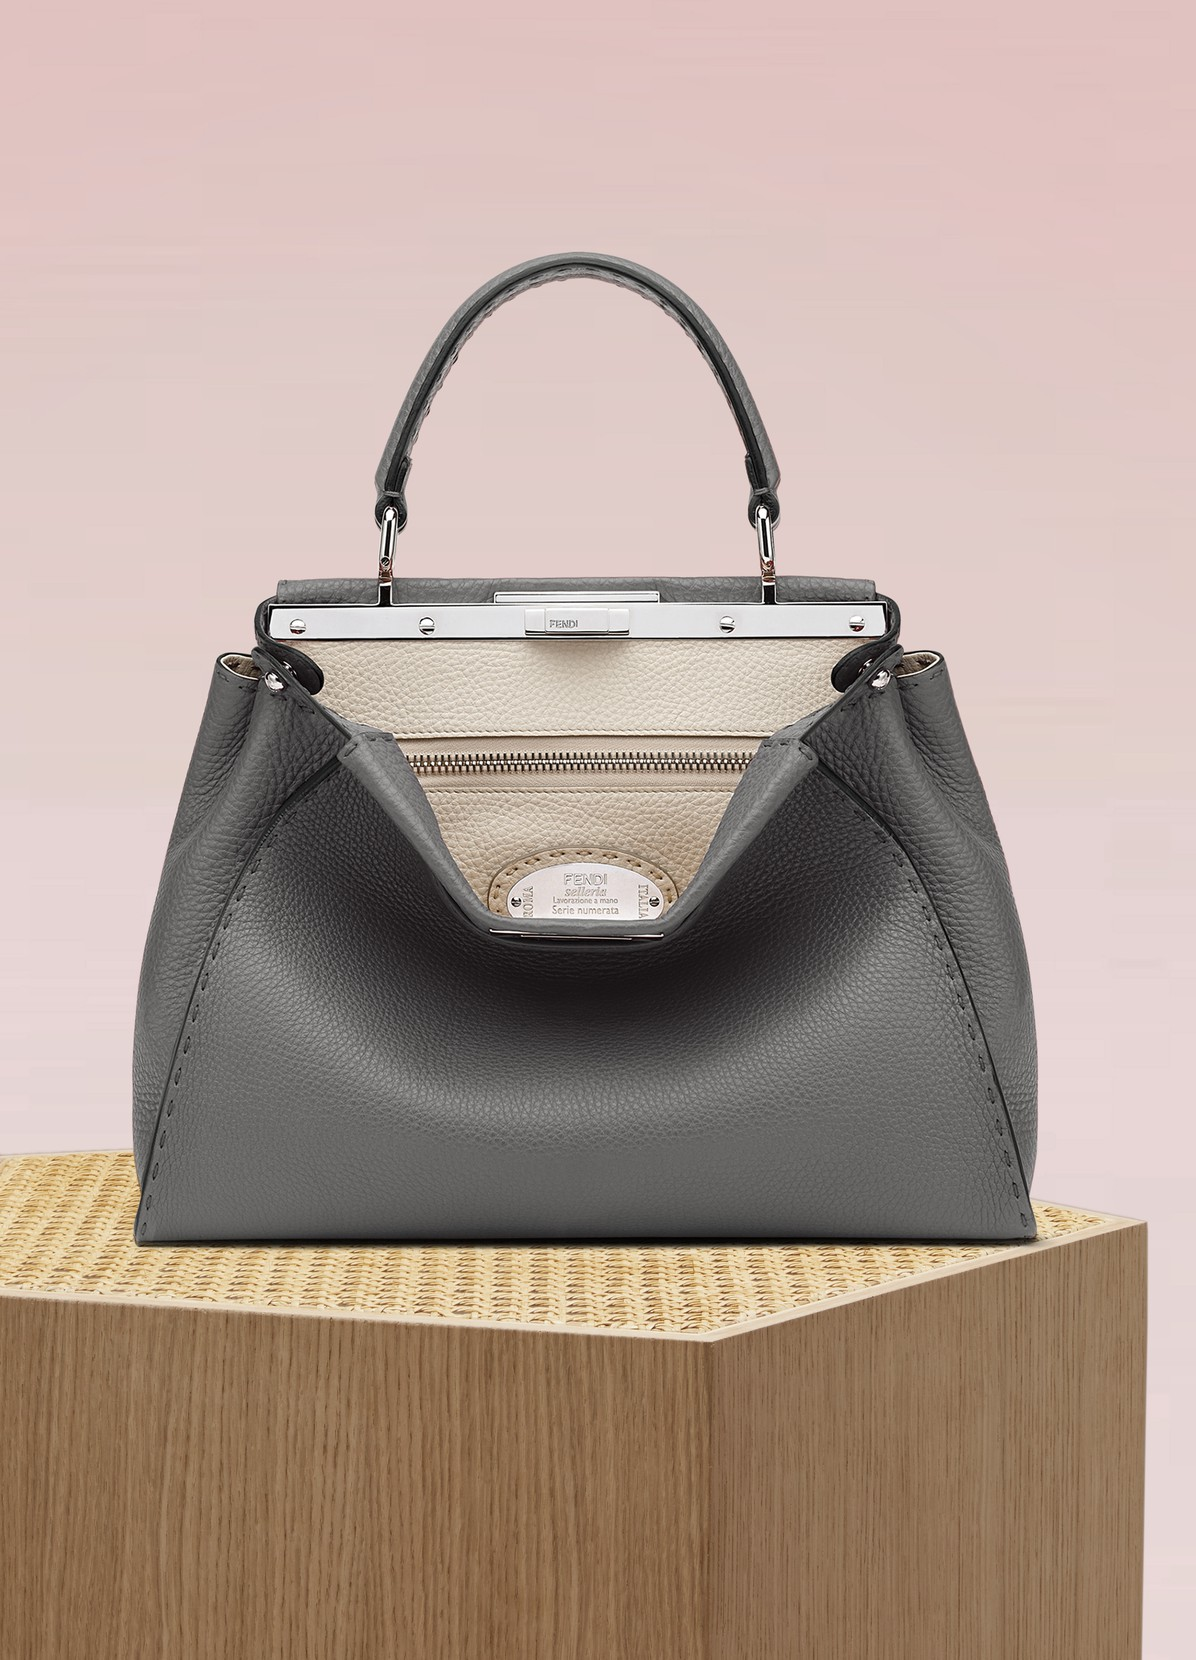 FENDI Selleria Peekaboo handbag 639444a798